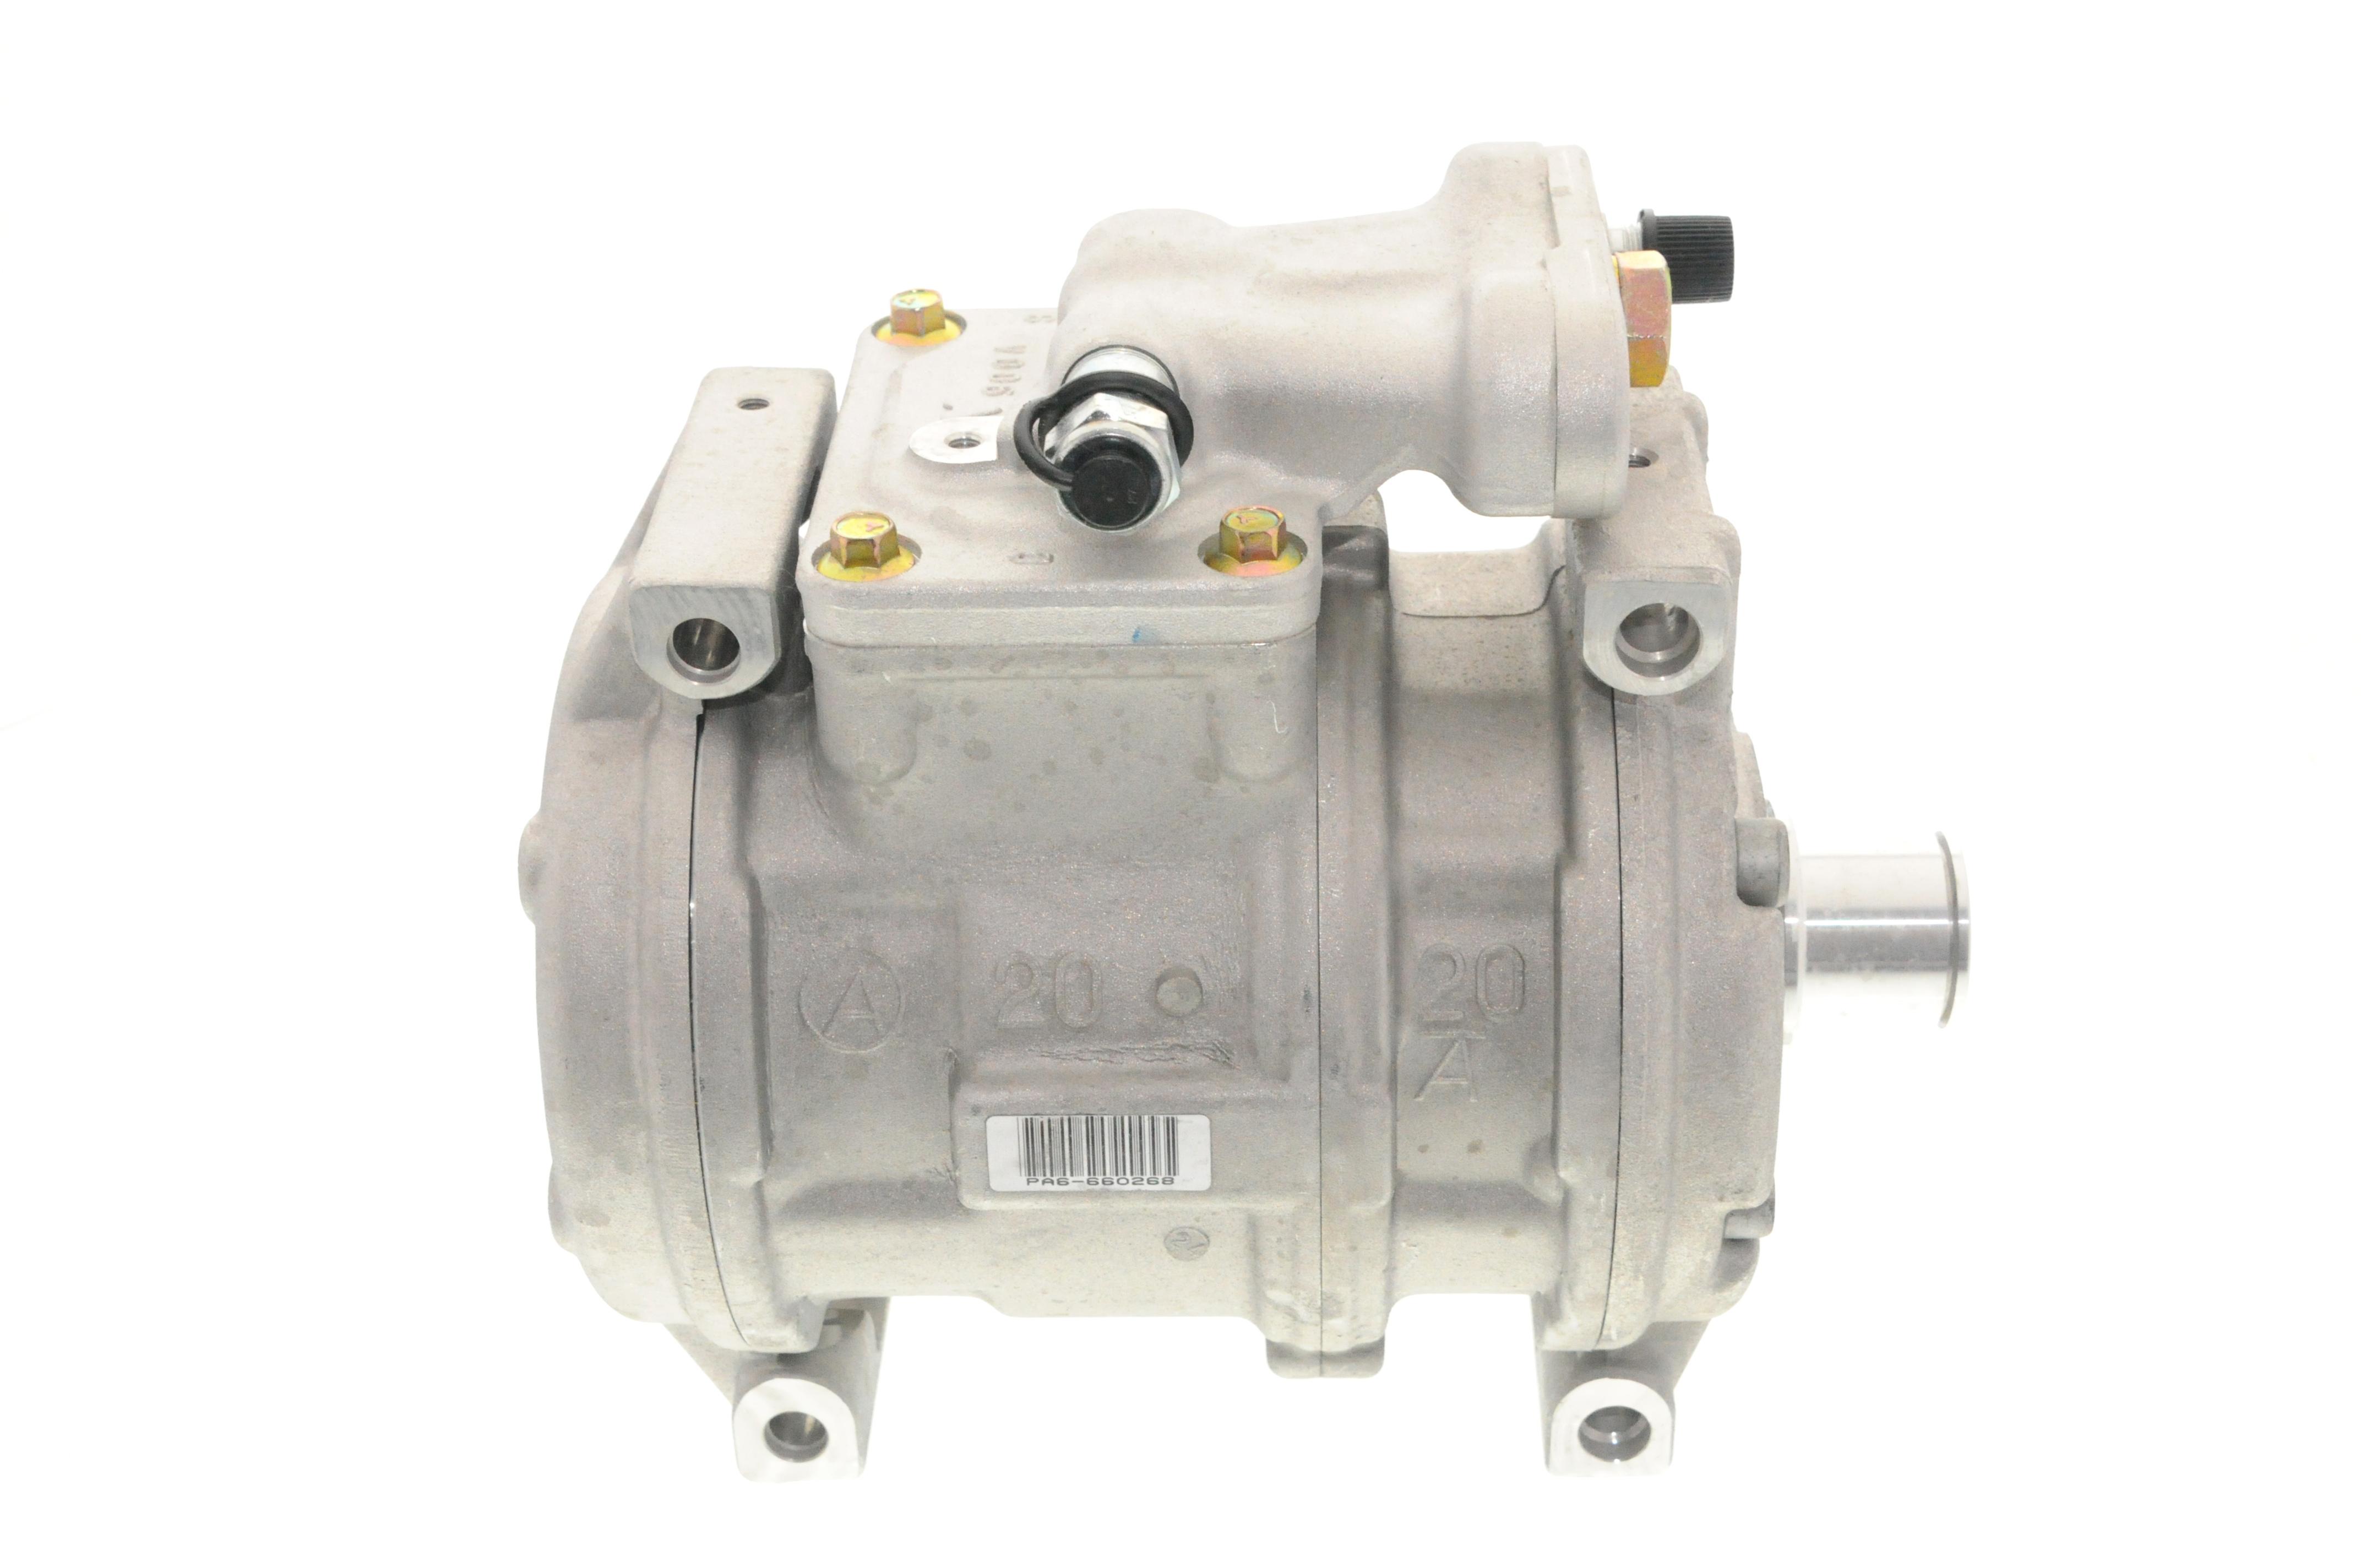 ACDELCO GM ORIGINAL EQUIPMENT - A/C Compressor - DCB 15-20108